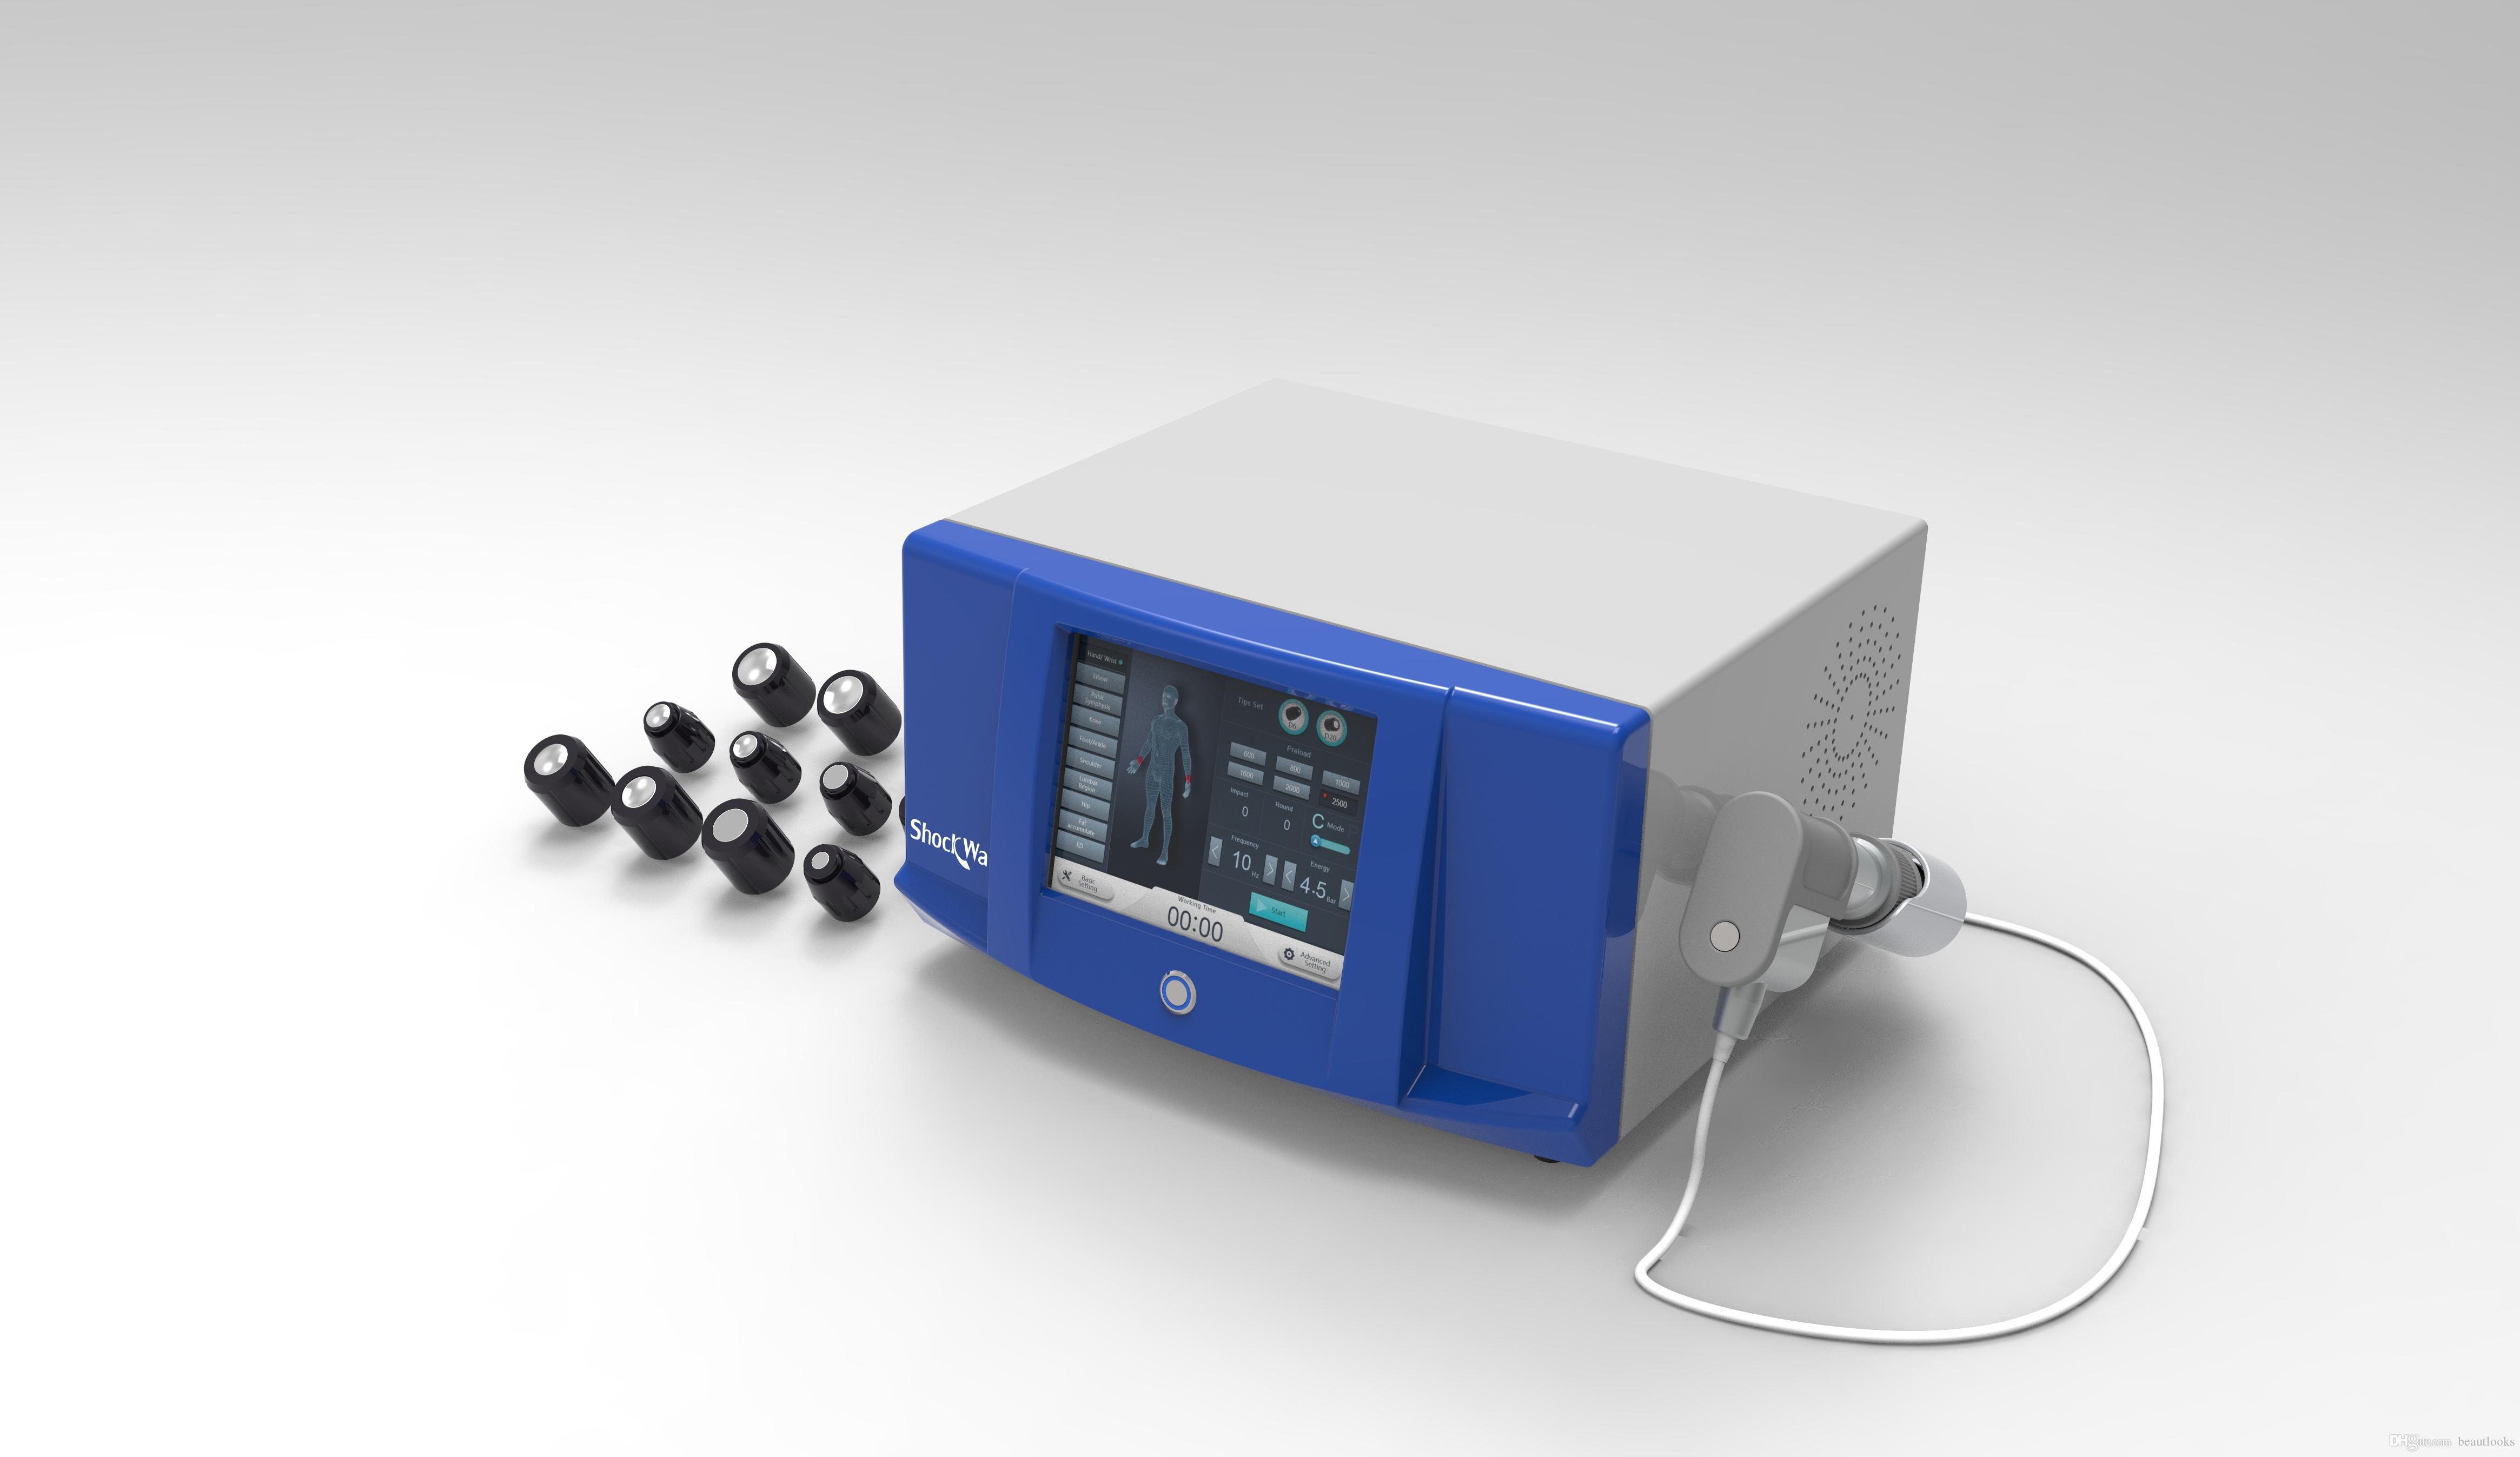 Thérapie extracorporelle par ondes de choc Thérapie d'onde de choc d'onde acoustique Soulagement de la douleur de l'arthrite extracorporelle Activation d'impulsion ED machine de traitement